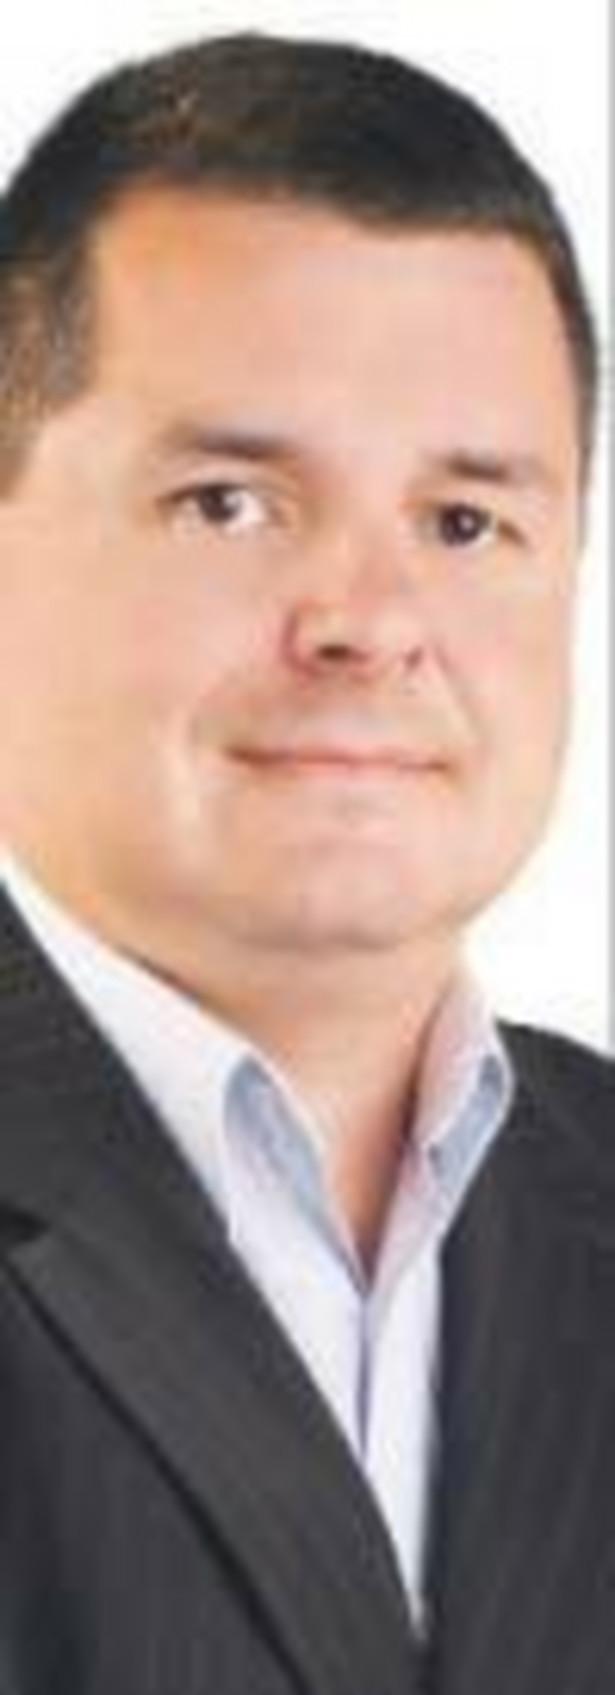 Piotr Stępniewski, prezes zarządu eSKY.pl, systemu internetowej sprzedaży biletów lotniczych